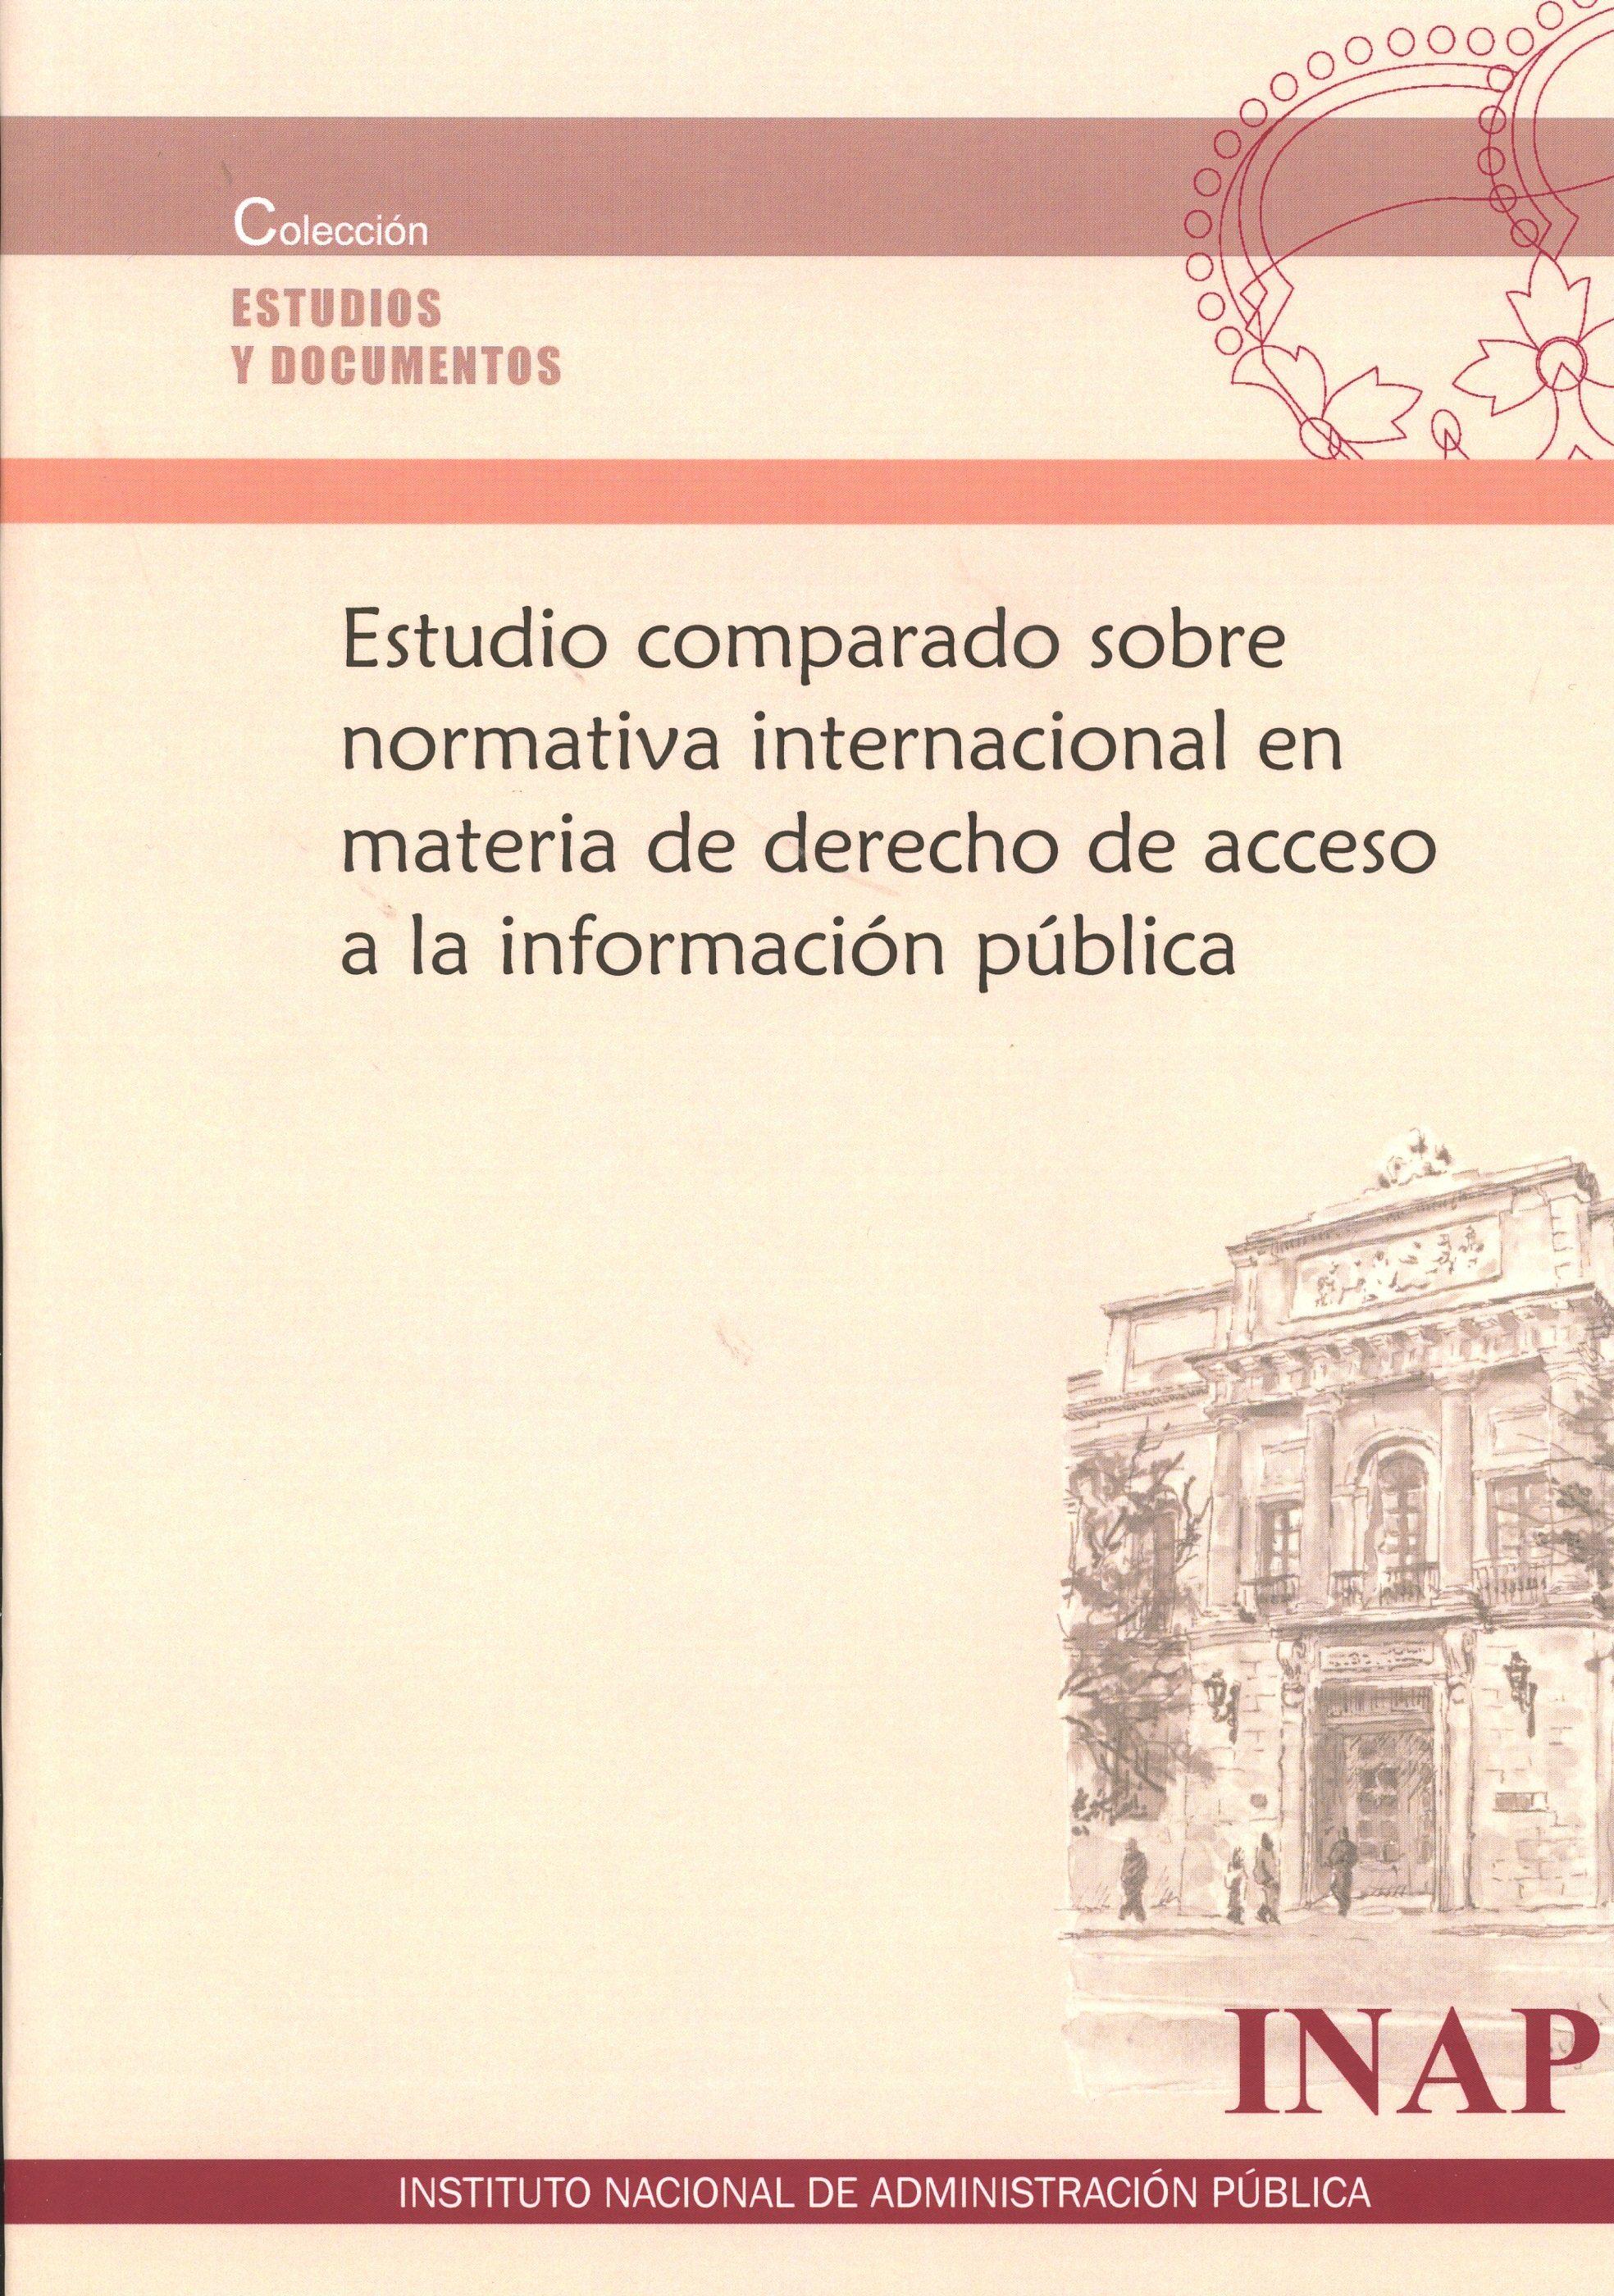 estudio comparado sobre normativa internacional en materia de derecho de acceso a la información pública-9788473515139